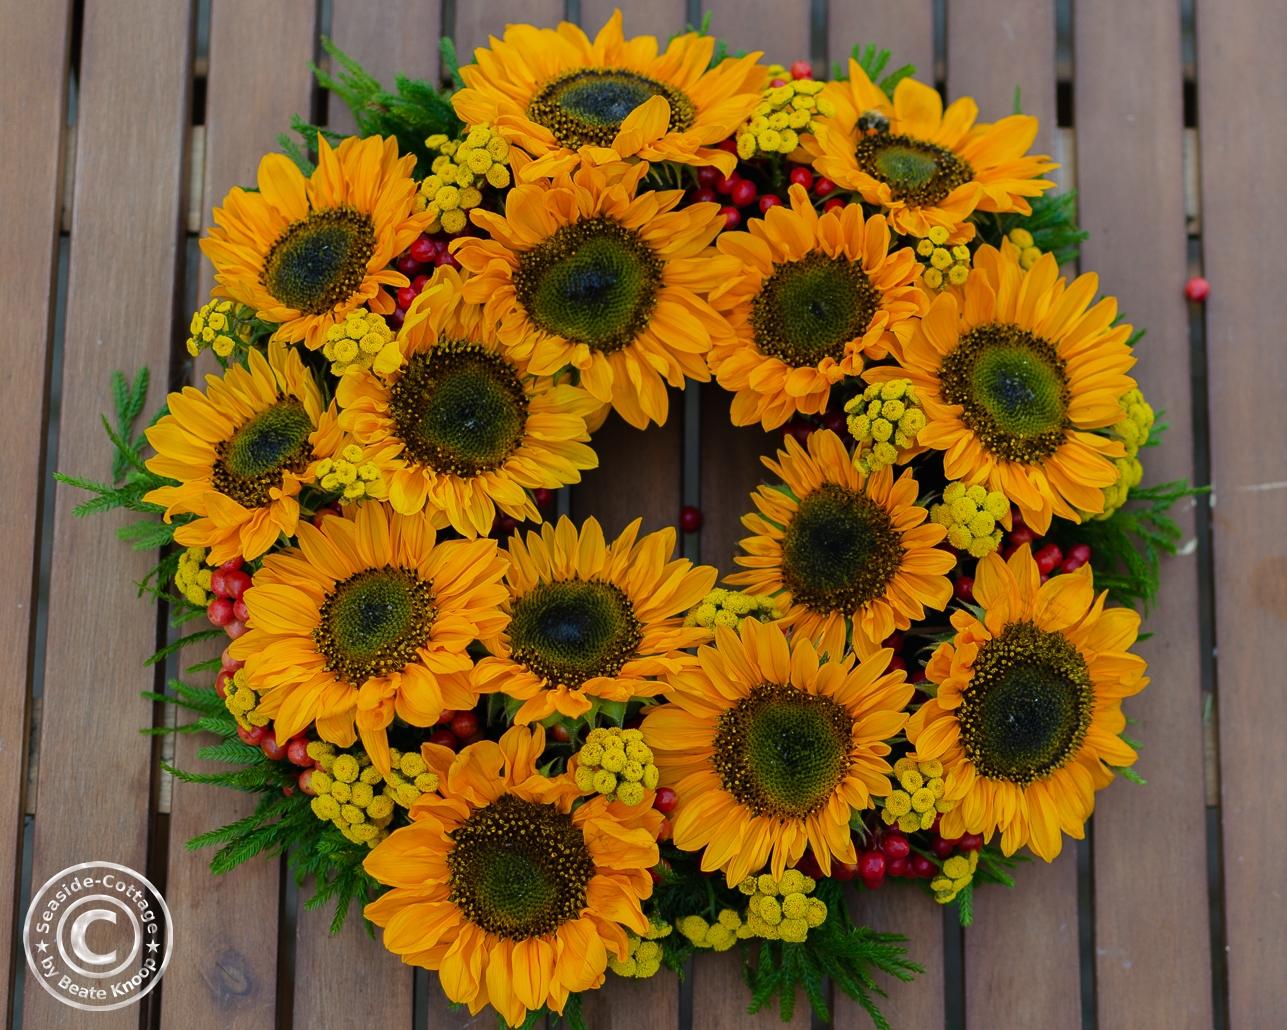 Anleitung für einen gesteckten Sommerkranz mit Sonnenblumen in Bildern